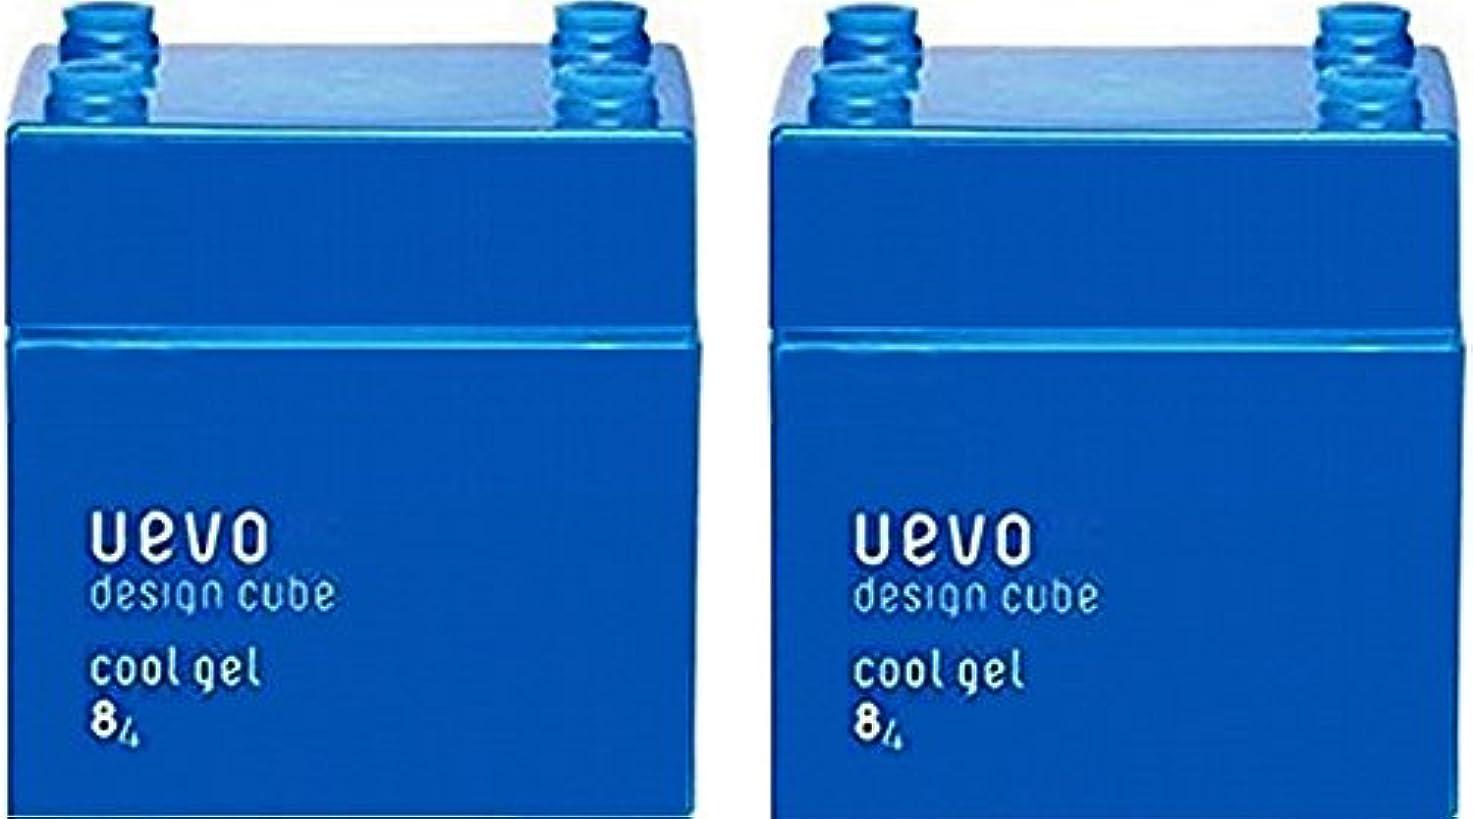 速報美徳亜熱帯【X2個セット】 デミ ウェーボ デザインキューブ クールジェル 80g cool gel DEMI uevo design cube